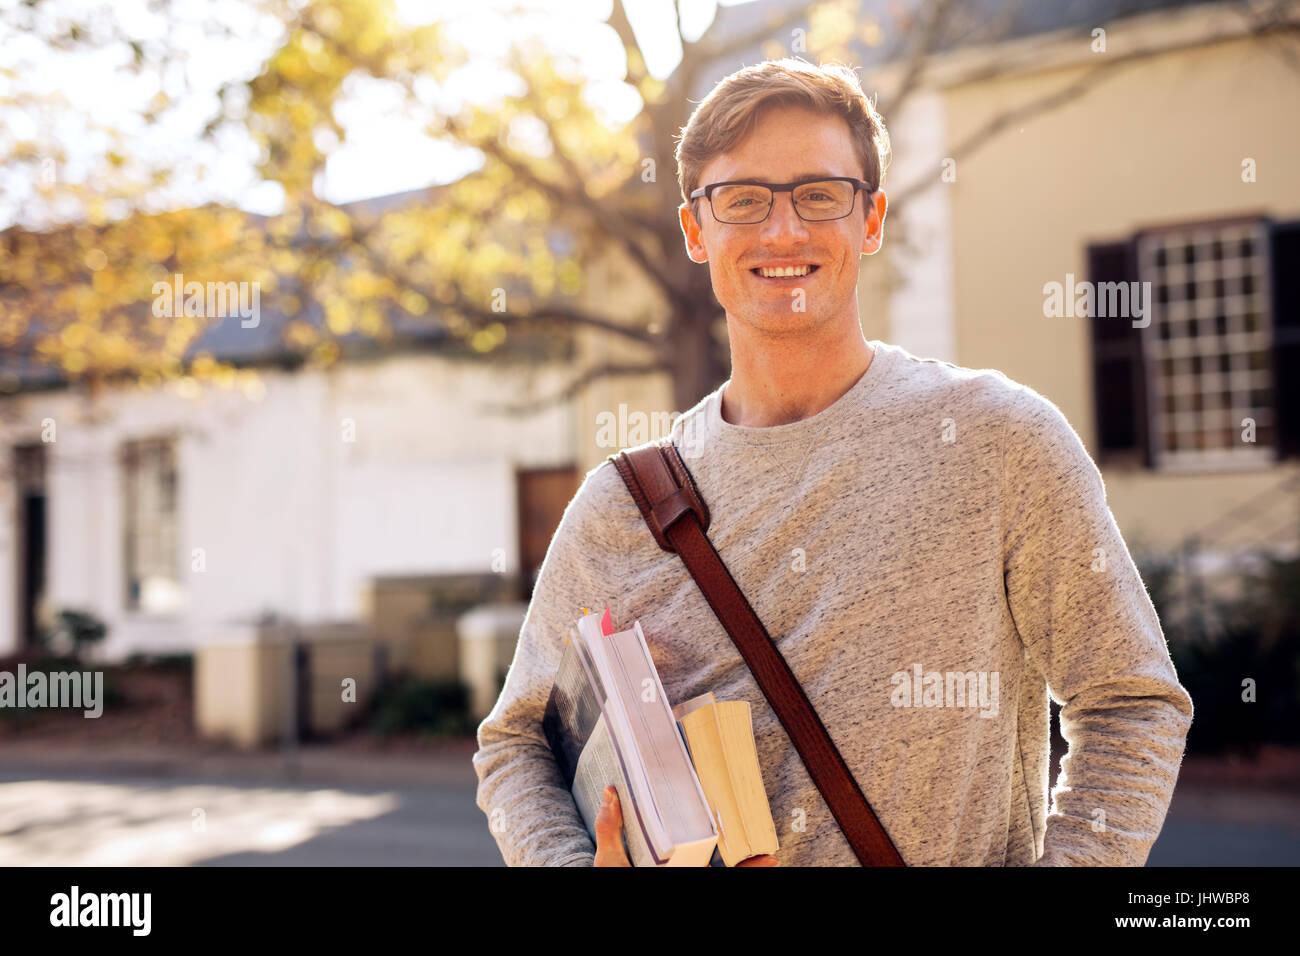 Heureux homme college student en plein air avec des livres. Les jeunes étudiants de l'université avec Photo Stock